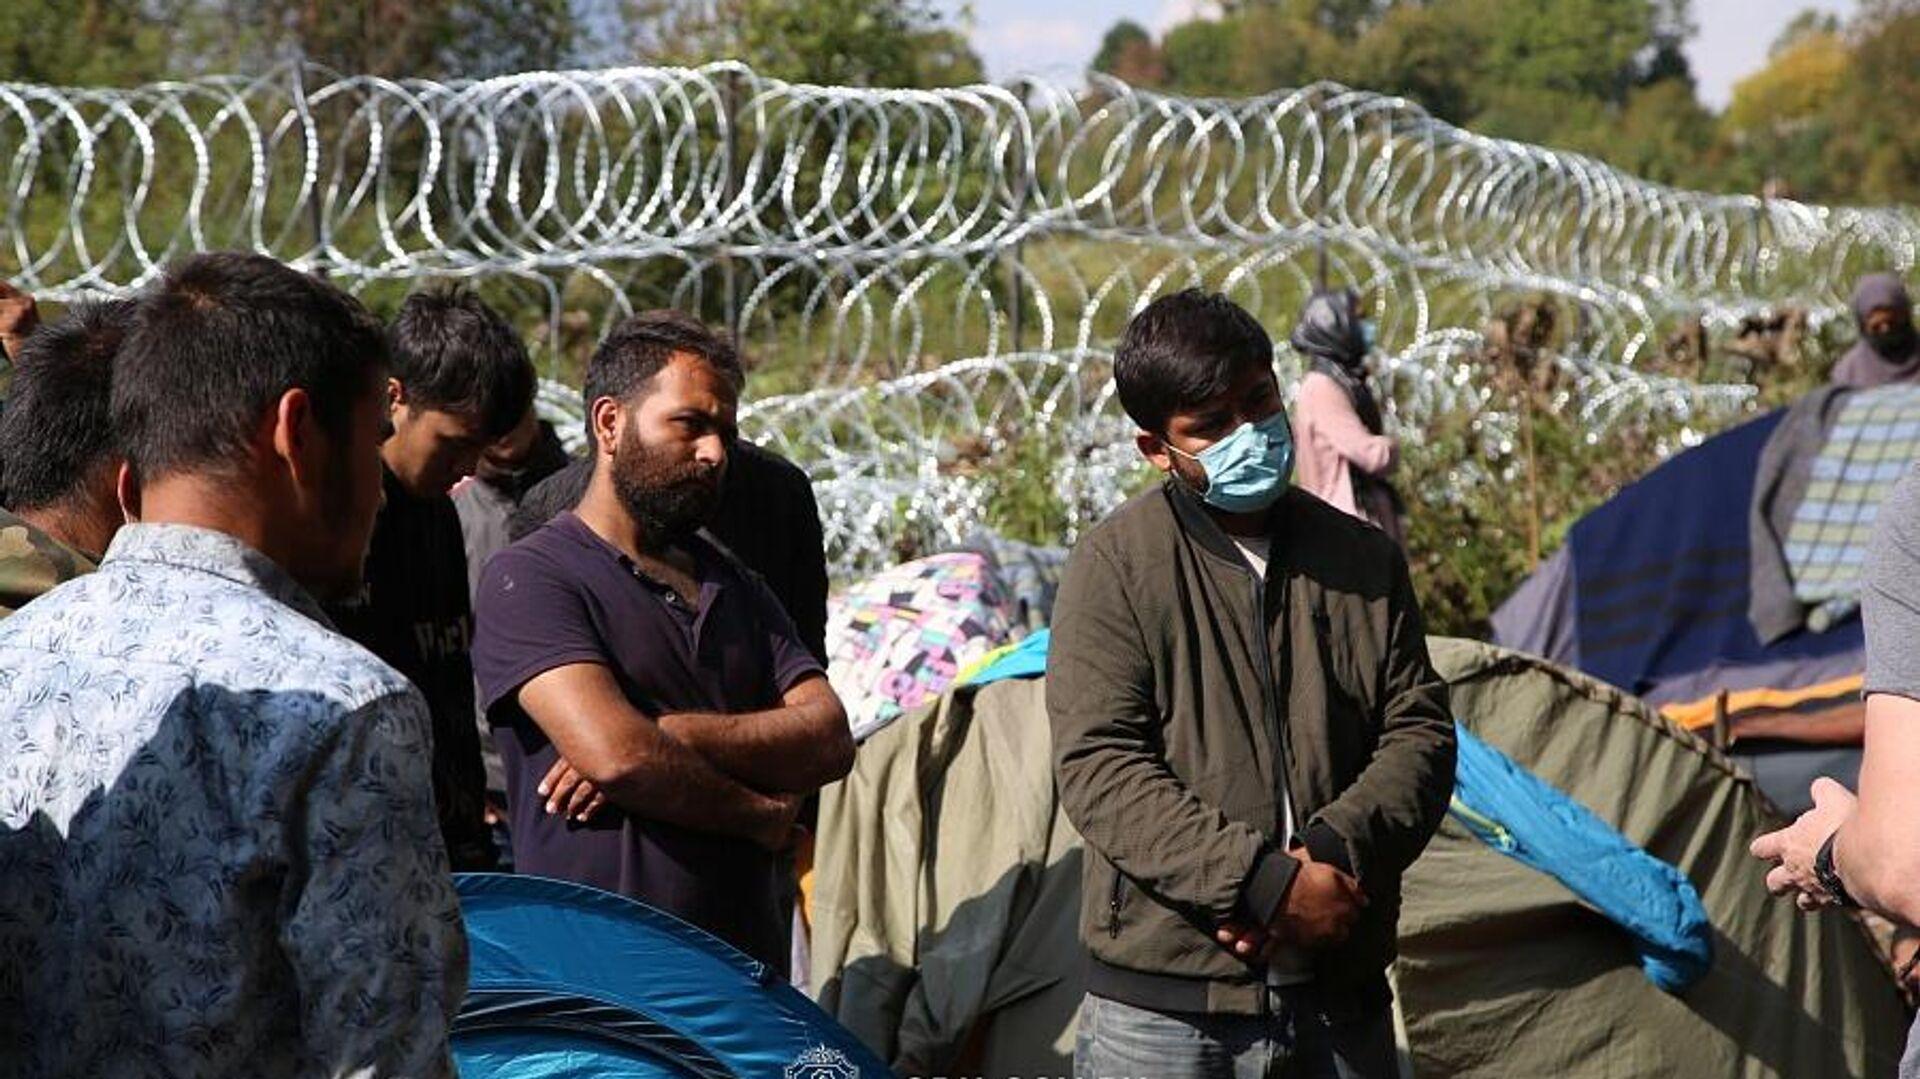 Афганские беженцы, находящиеся на польско-белорусской границе, 13 сентября 2021 года - Sputnik Latvija, 1920, 06.10.2021